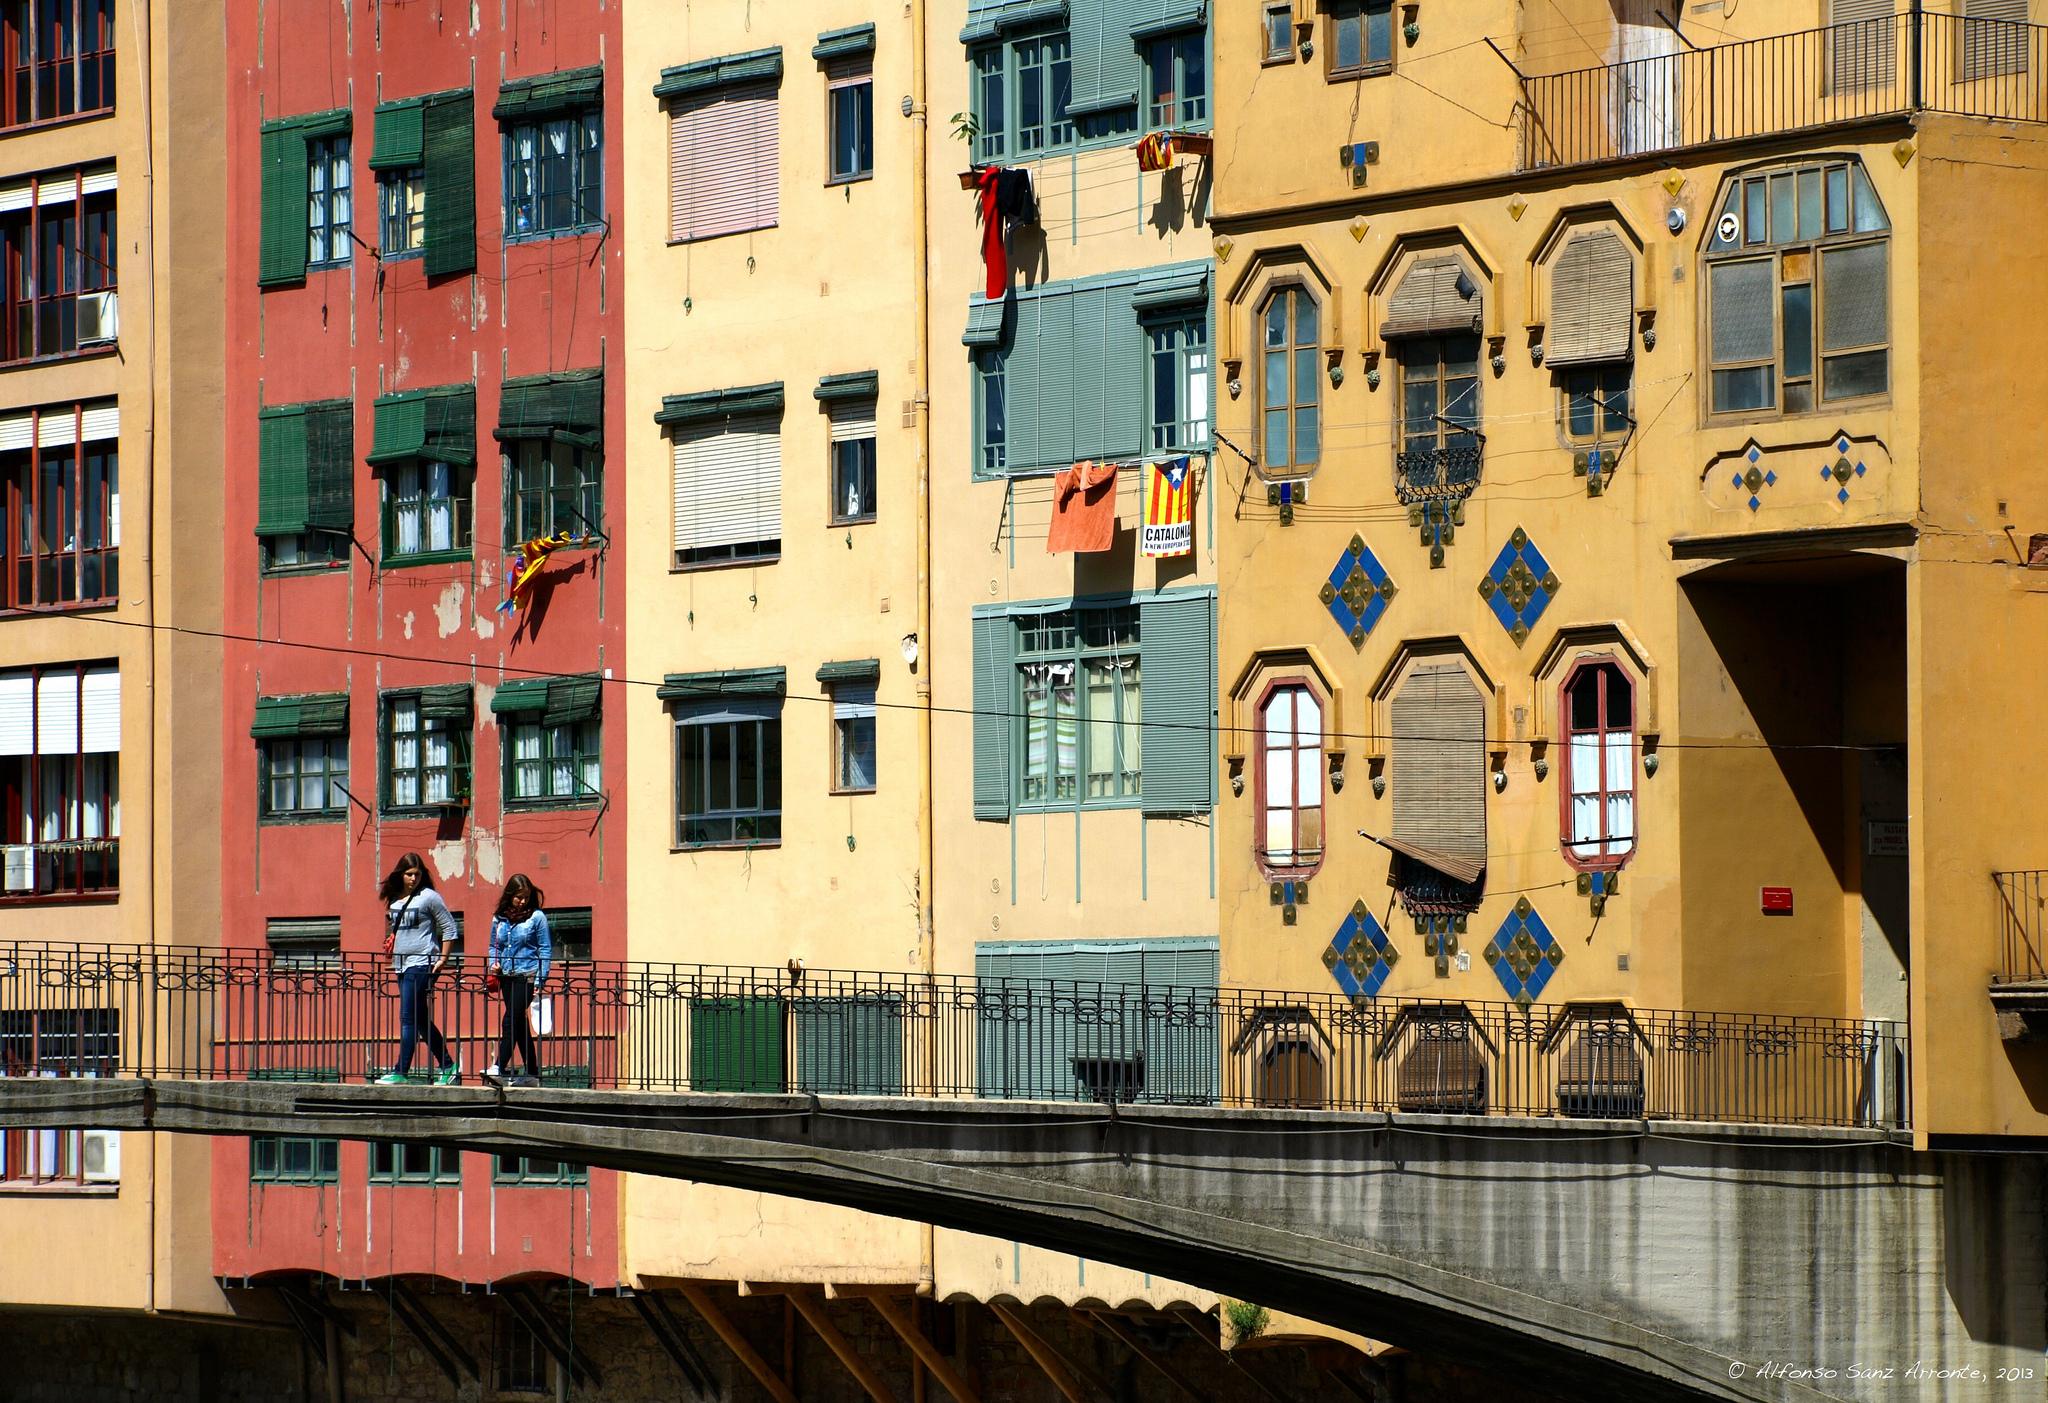 Жирона, Испания: интересные достопримечательности, зачем ехать, куда пойти, хорошие рестораны и отзывы туристов